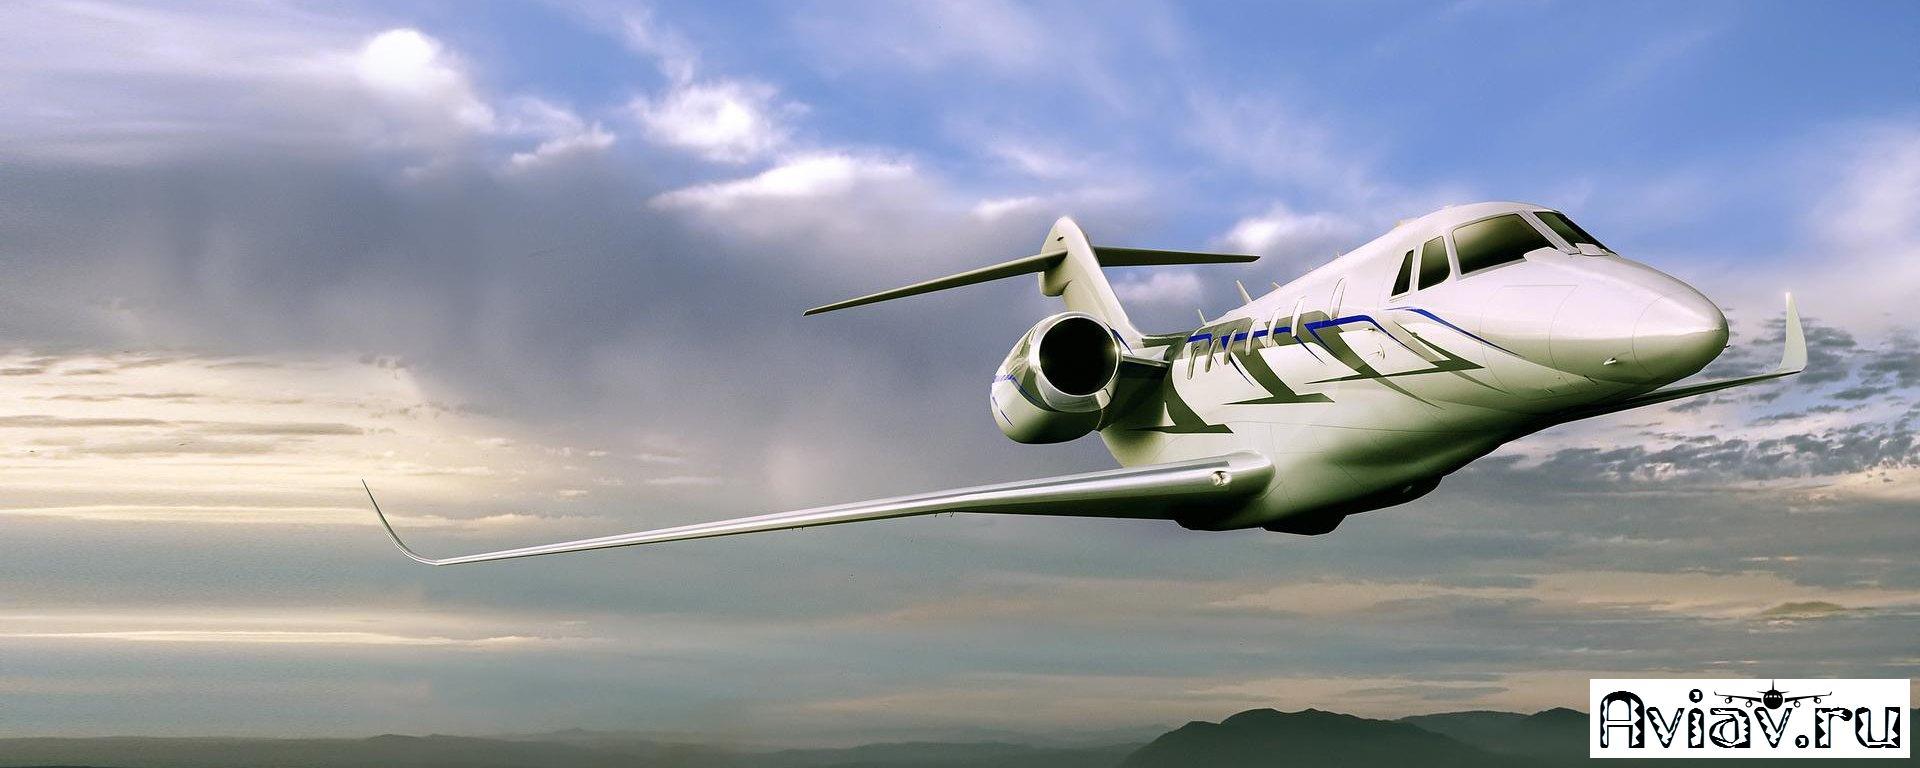 Аренда самолета для частного перелета по доступным ценам